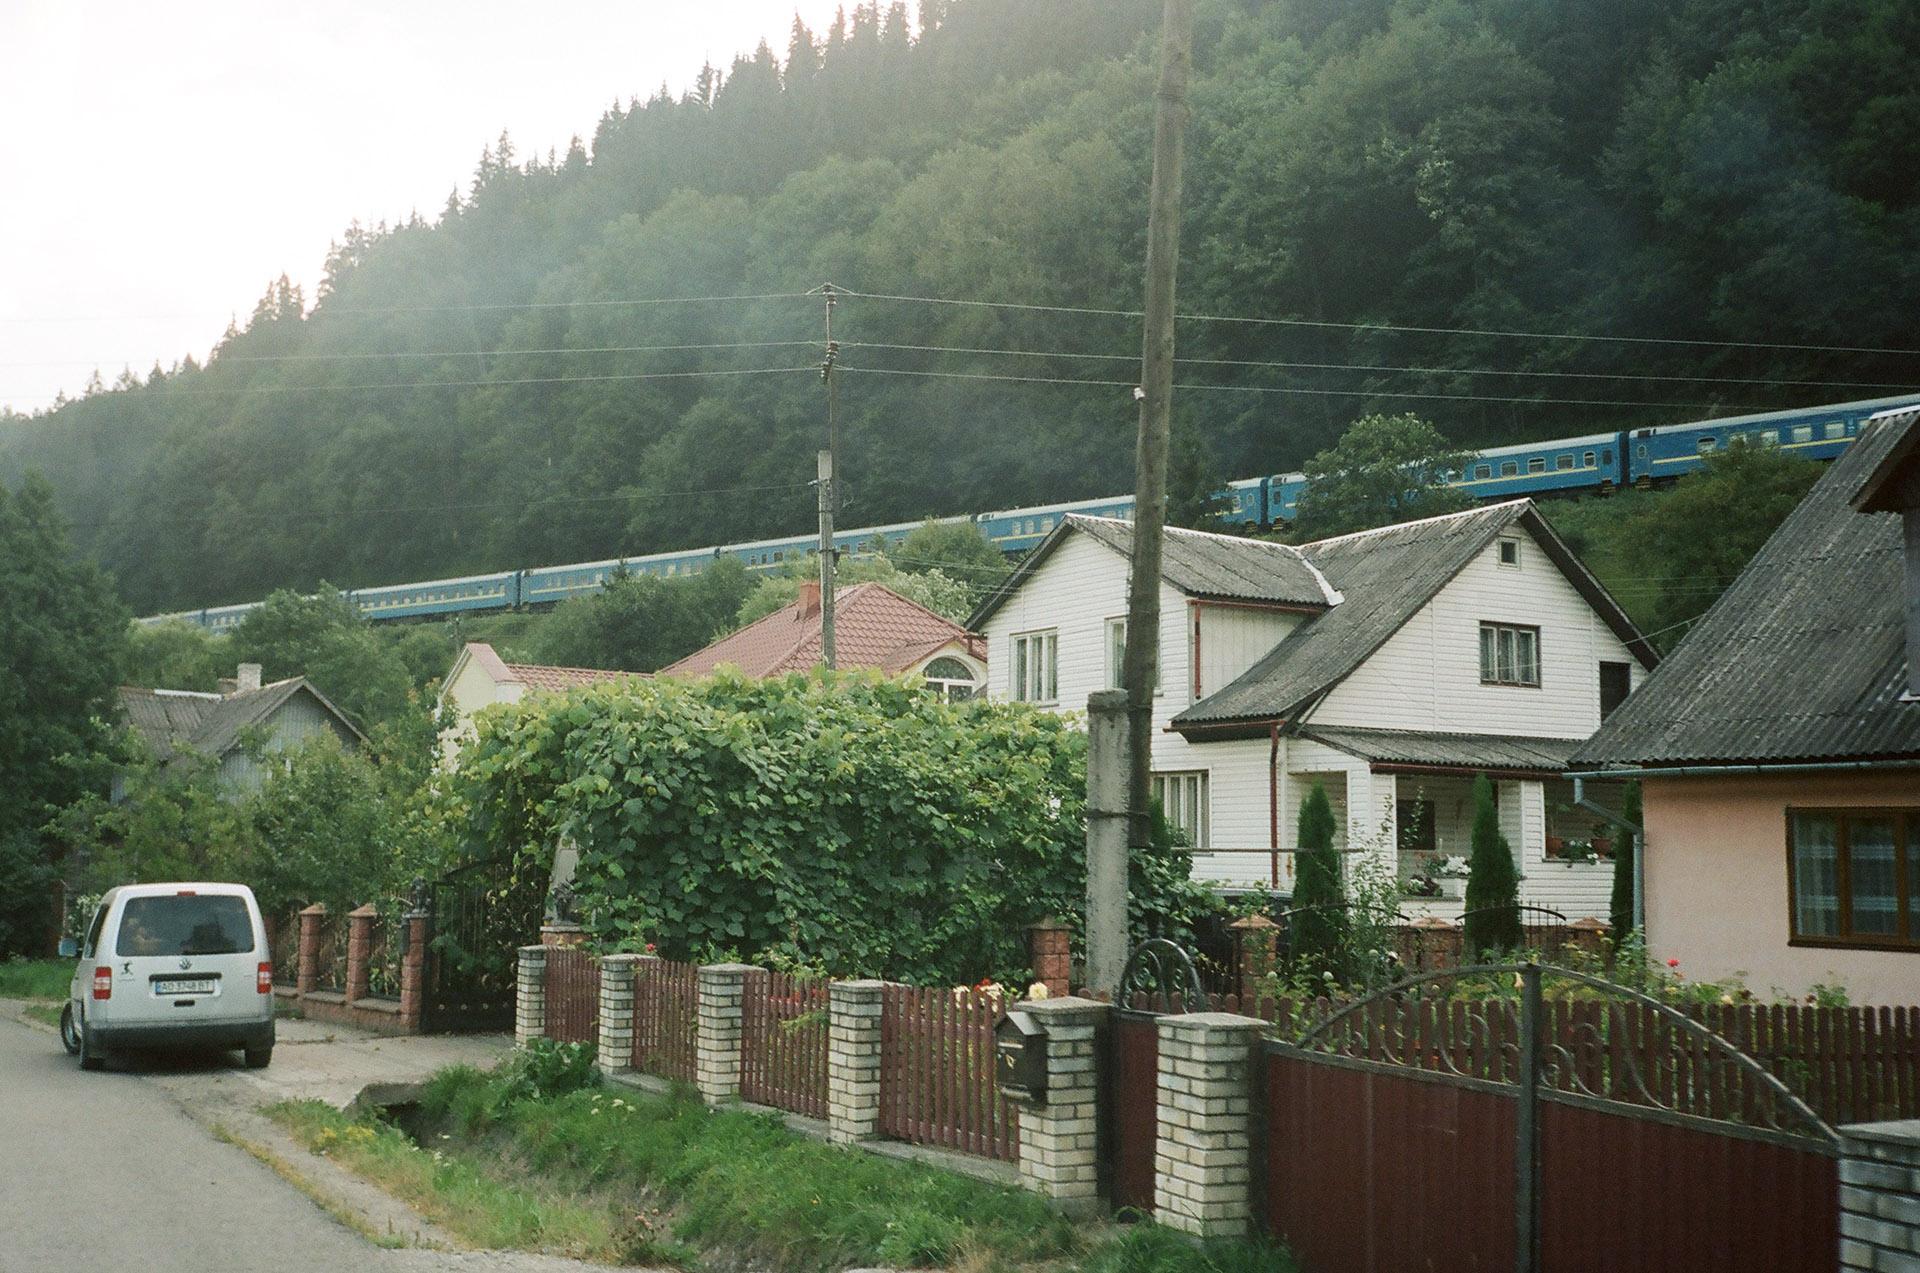 Будинок з горою на задньому плані